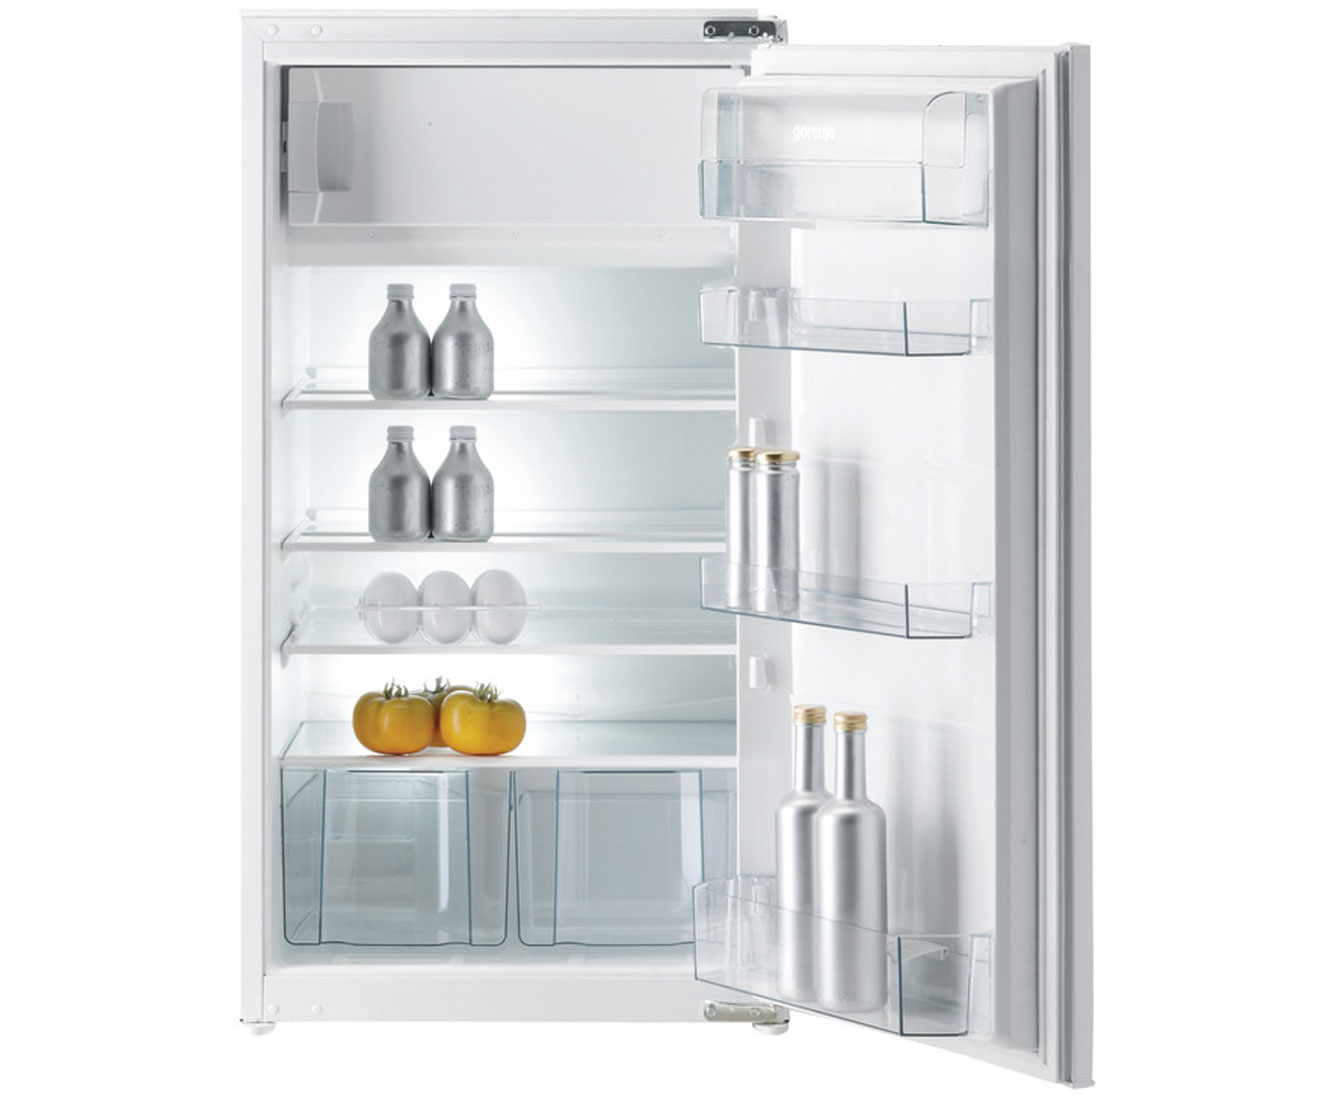 Gorenje Kühlschrank Abtauen : Gorenje rbi aw kühlschrank eingebaut cm weiss neu ebay